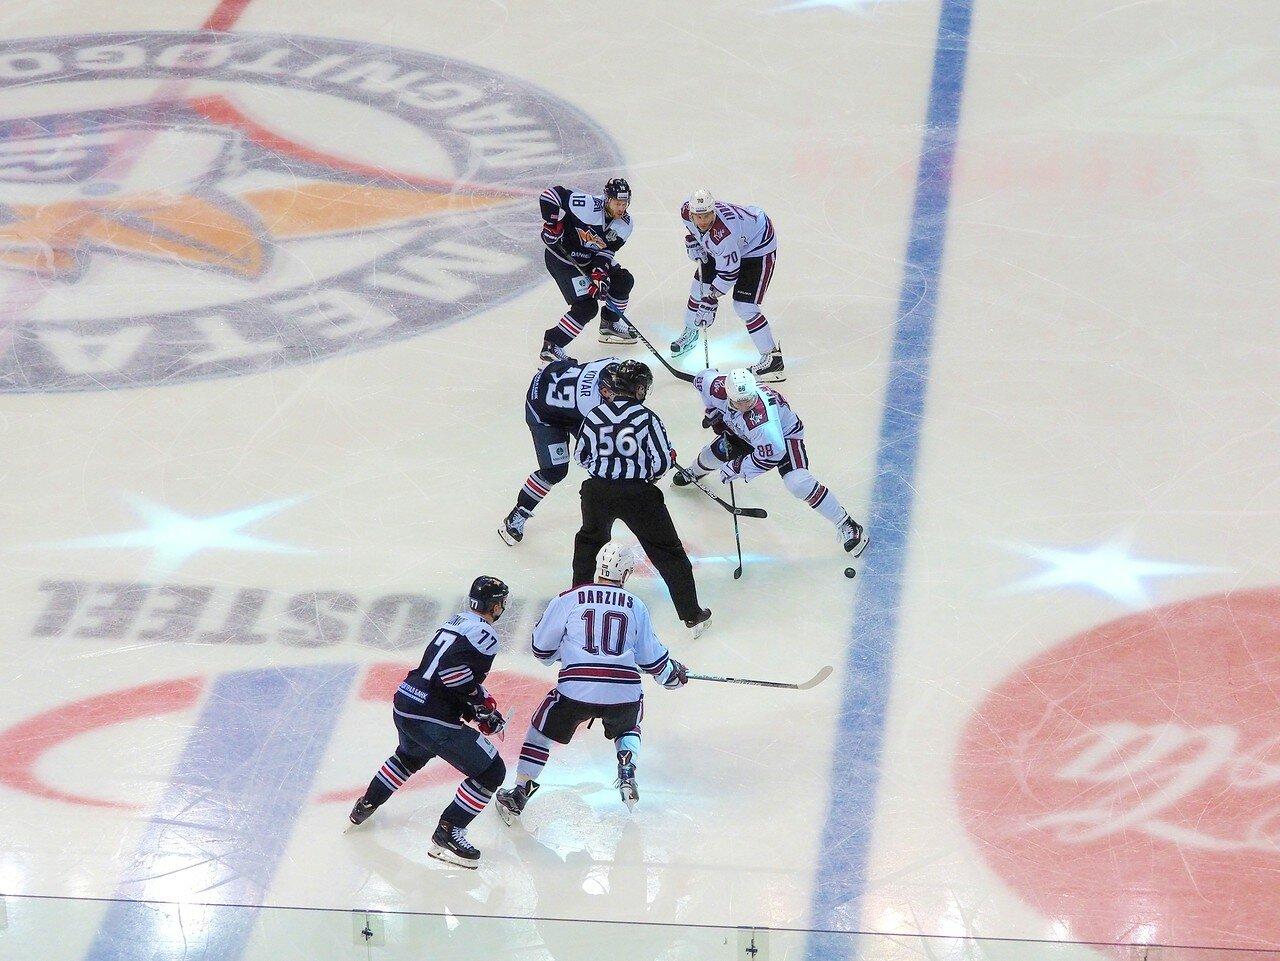 112 Металлург - Динамо Рига 26.11.2017